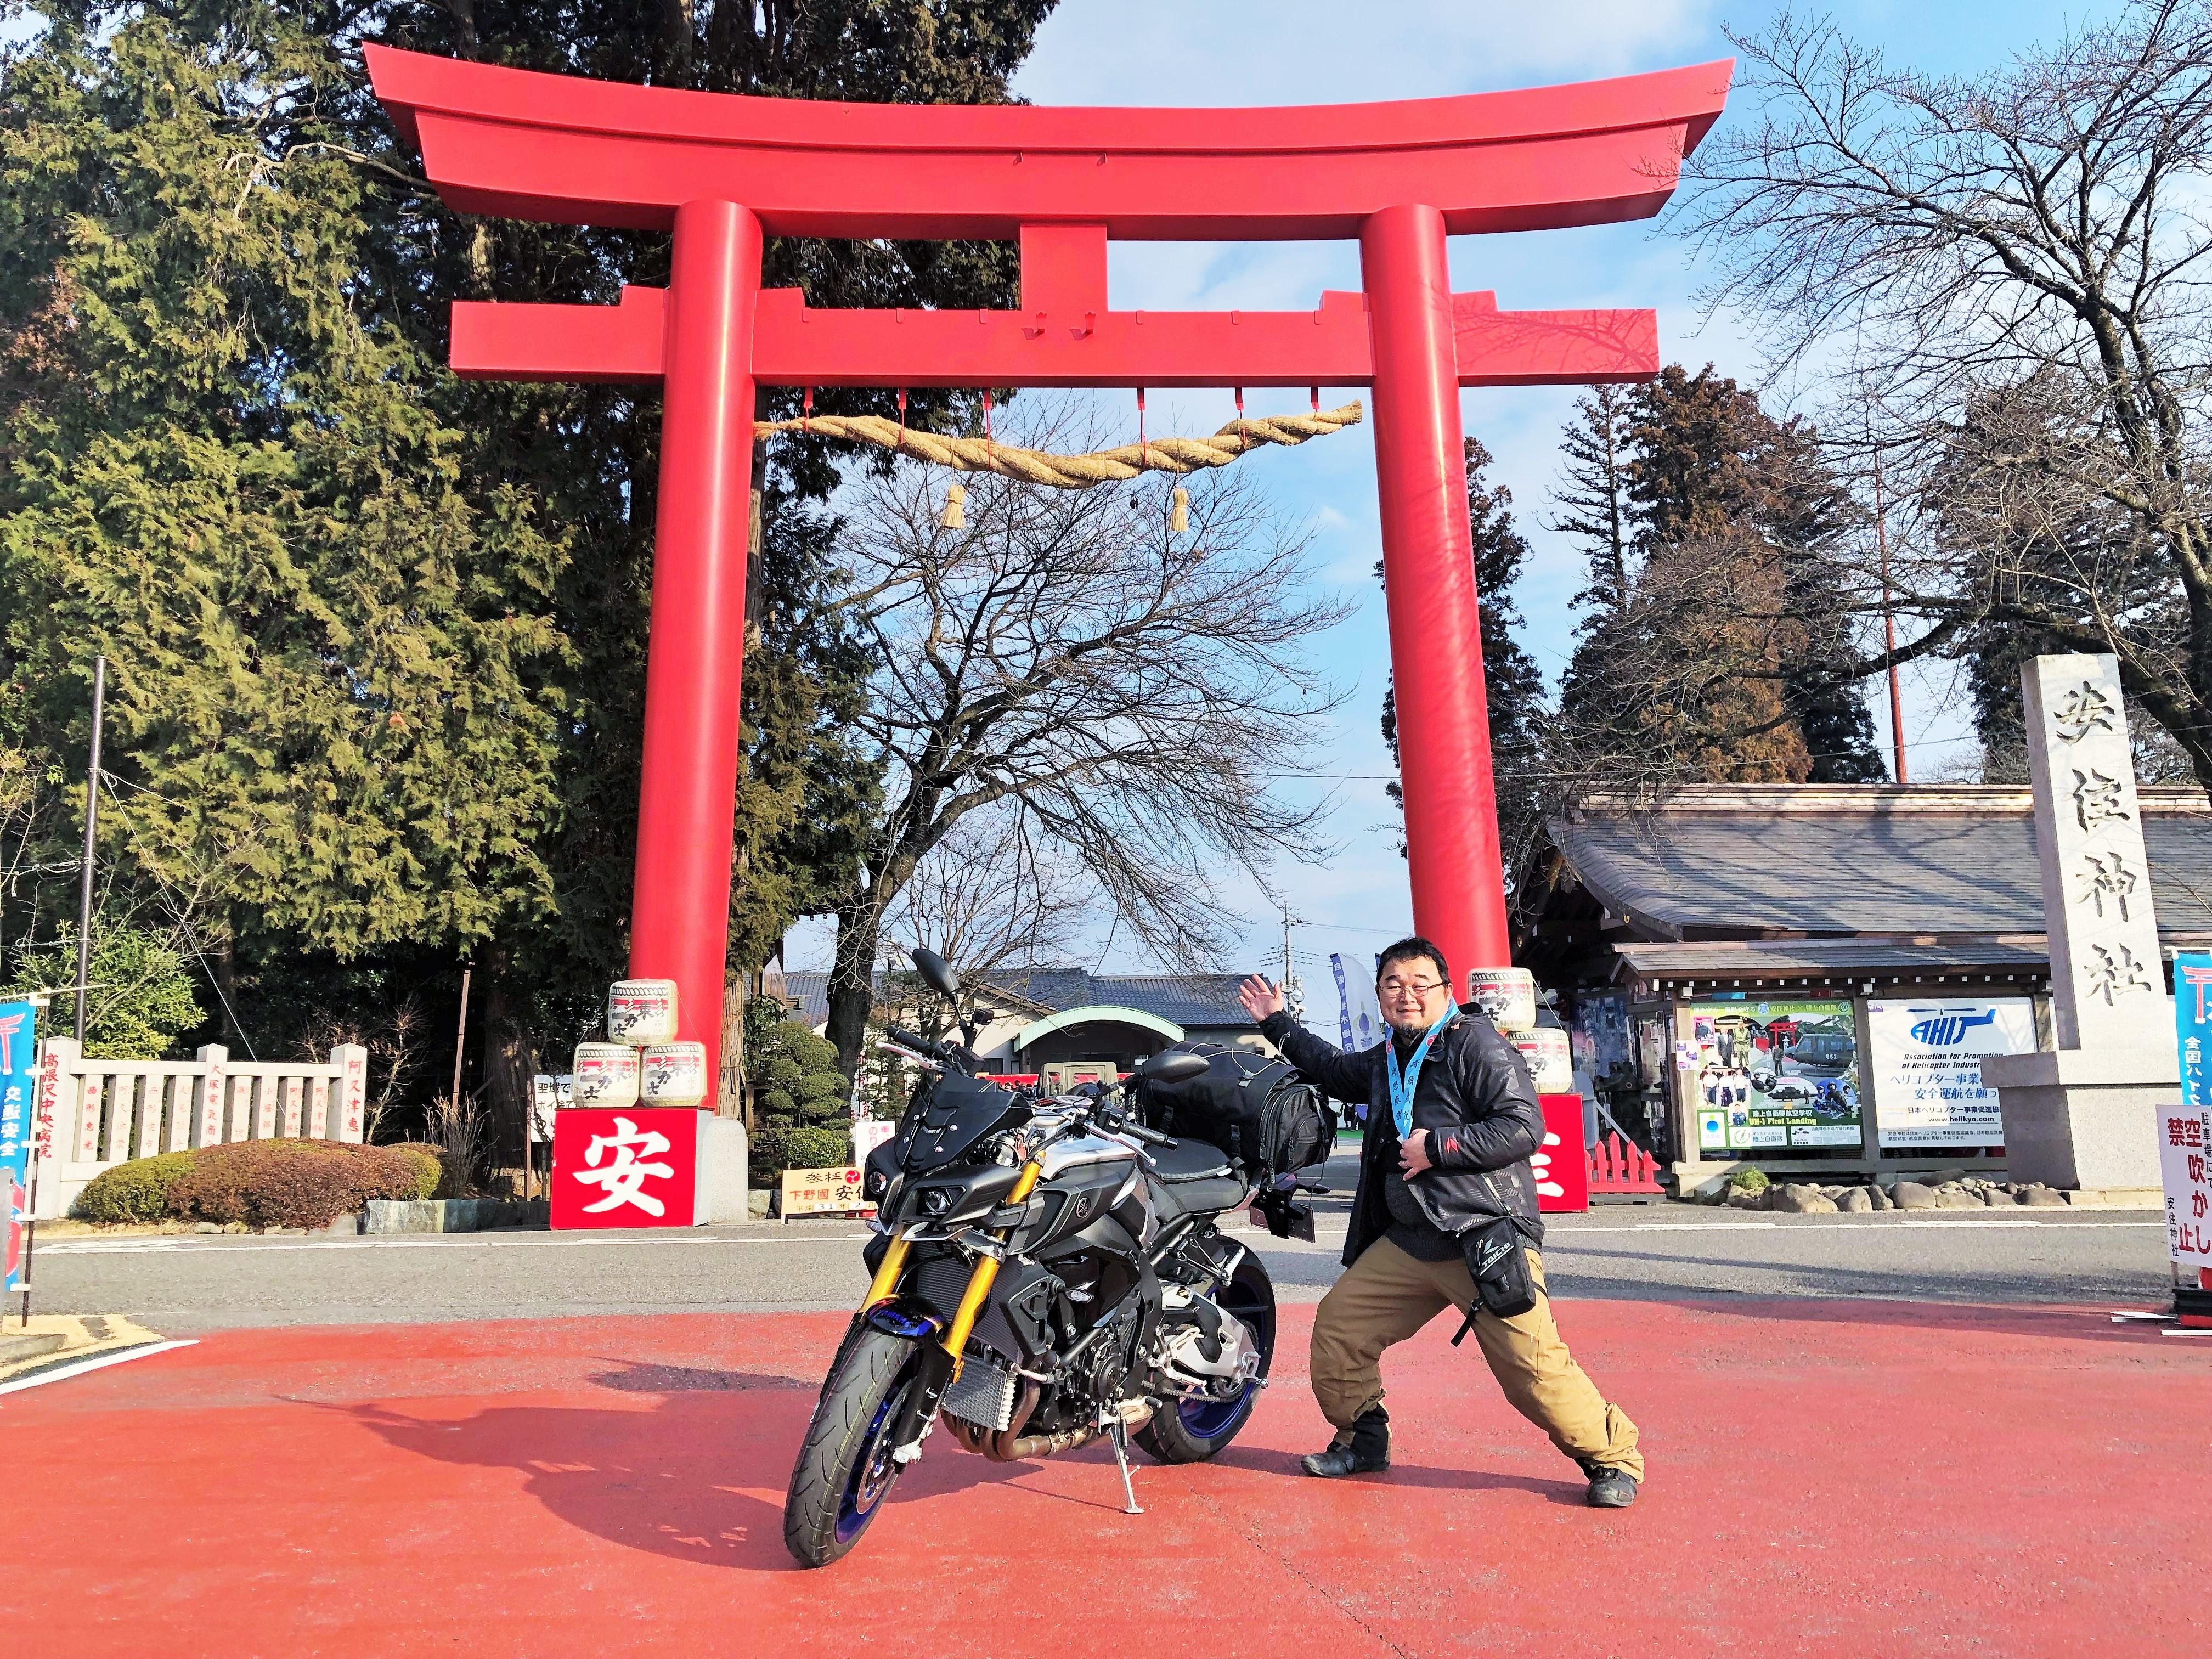 バイク神社ってどんなとこ?栃木の安住神社へお祓いに行ってみました